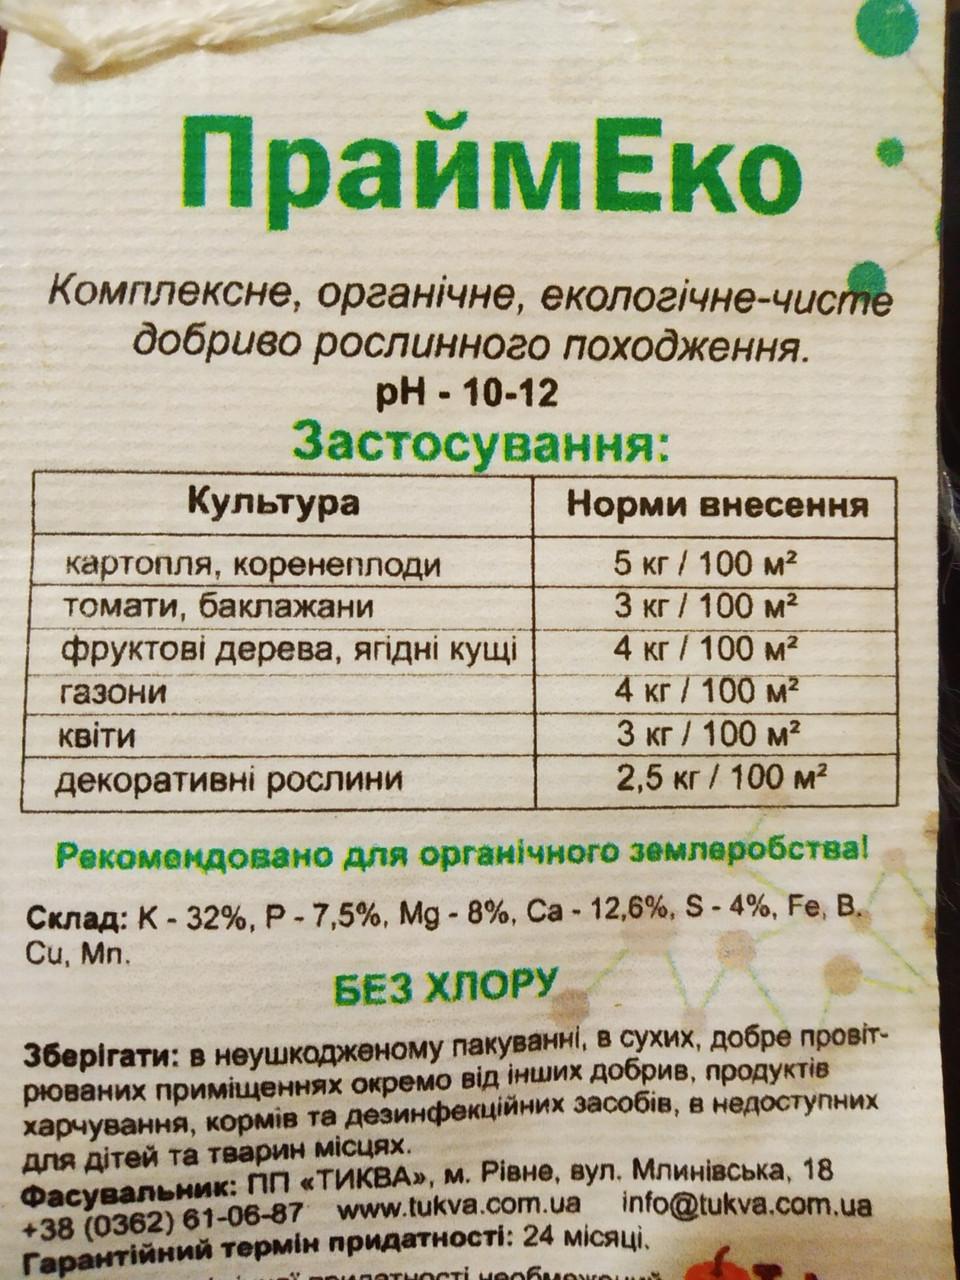 Комплексне універсал рослинна органічне добриво, pH 10-12, ПраймЕко аналог Экопланта, 1 кг, Україна